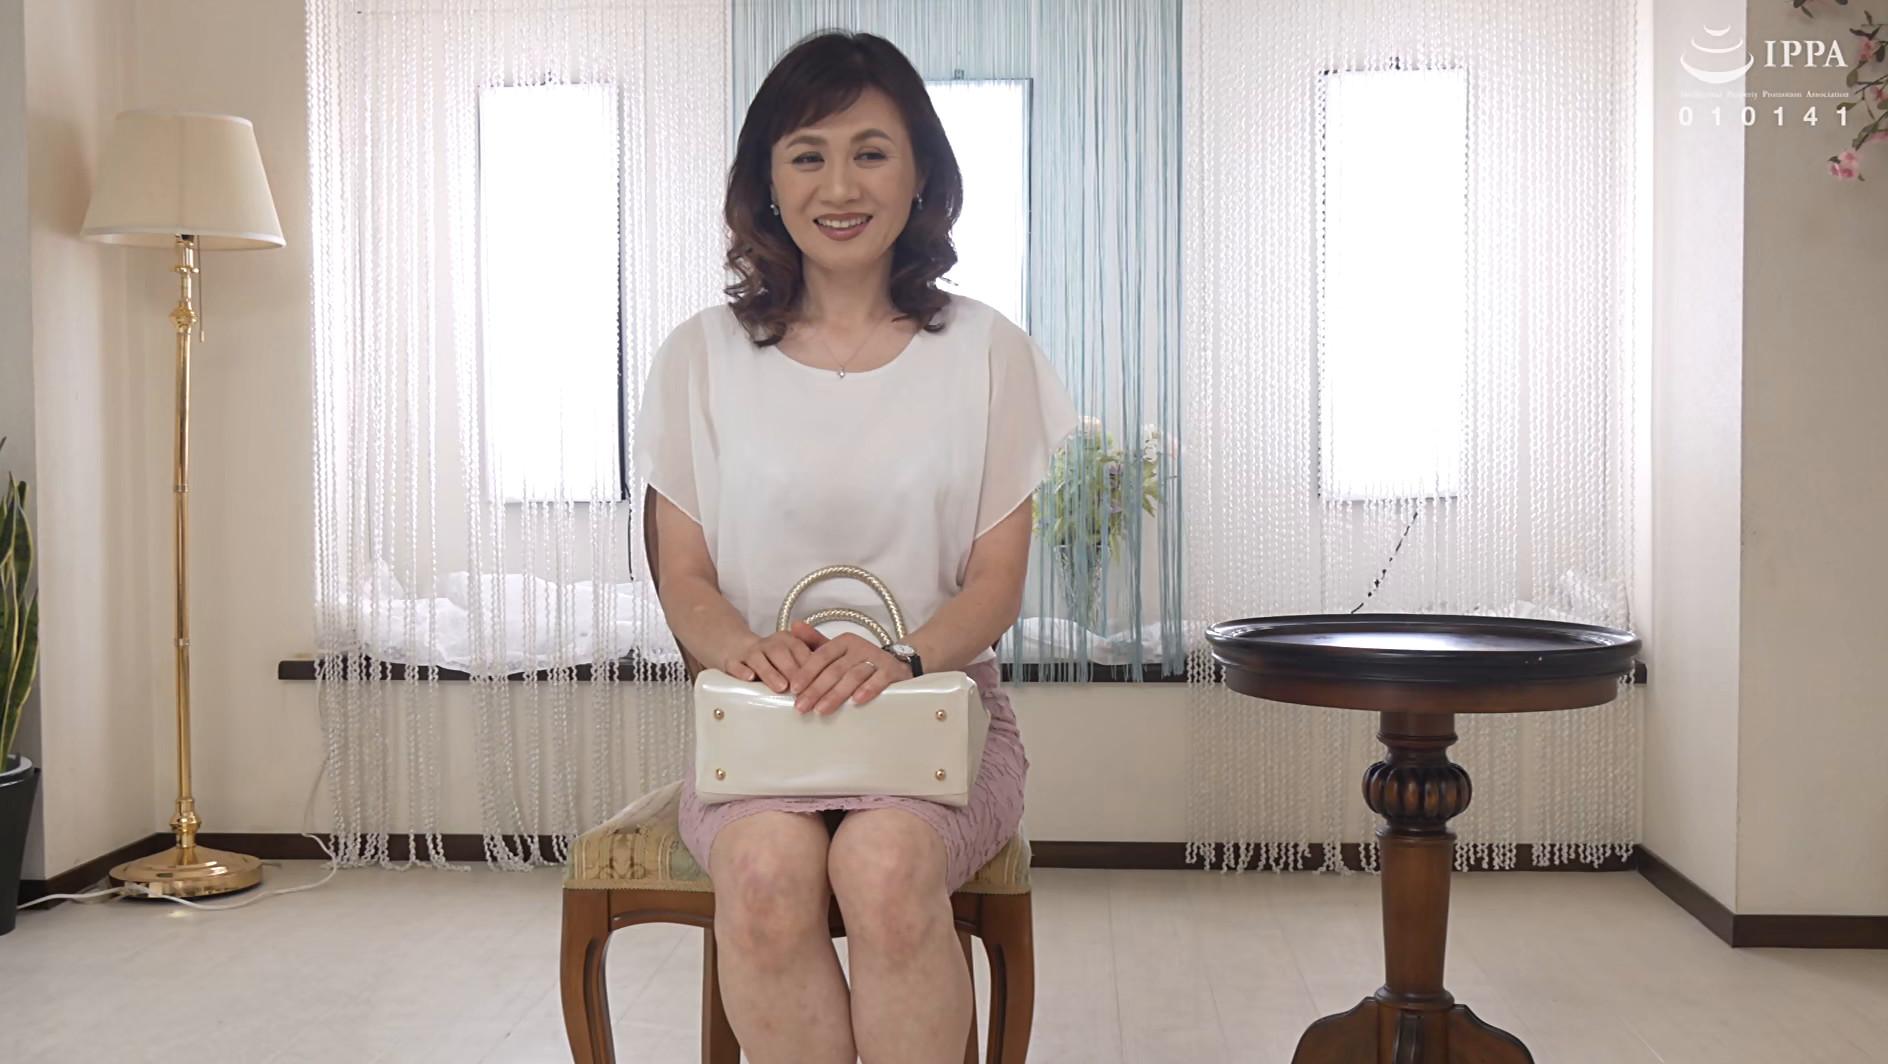 初撮り五十路妻ドキュメント 岡崎智江 五十五歳 画像1